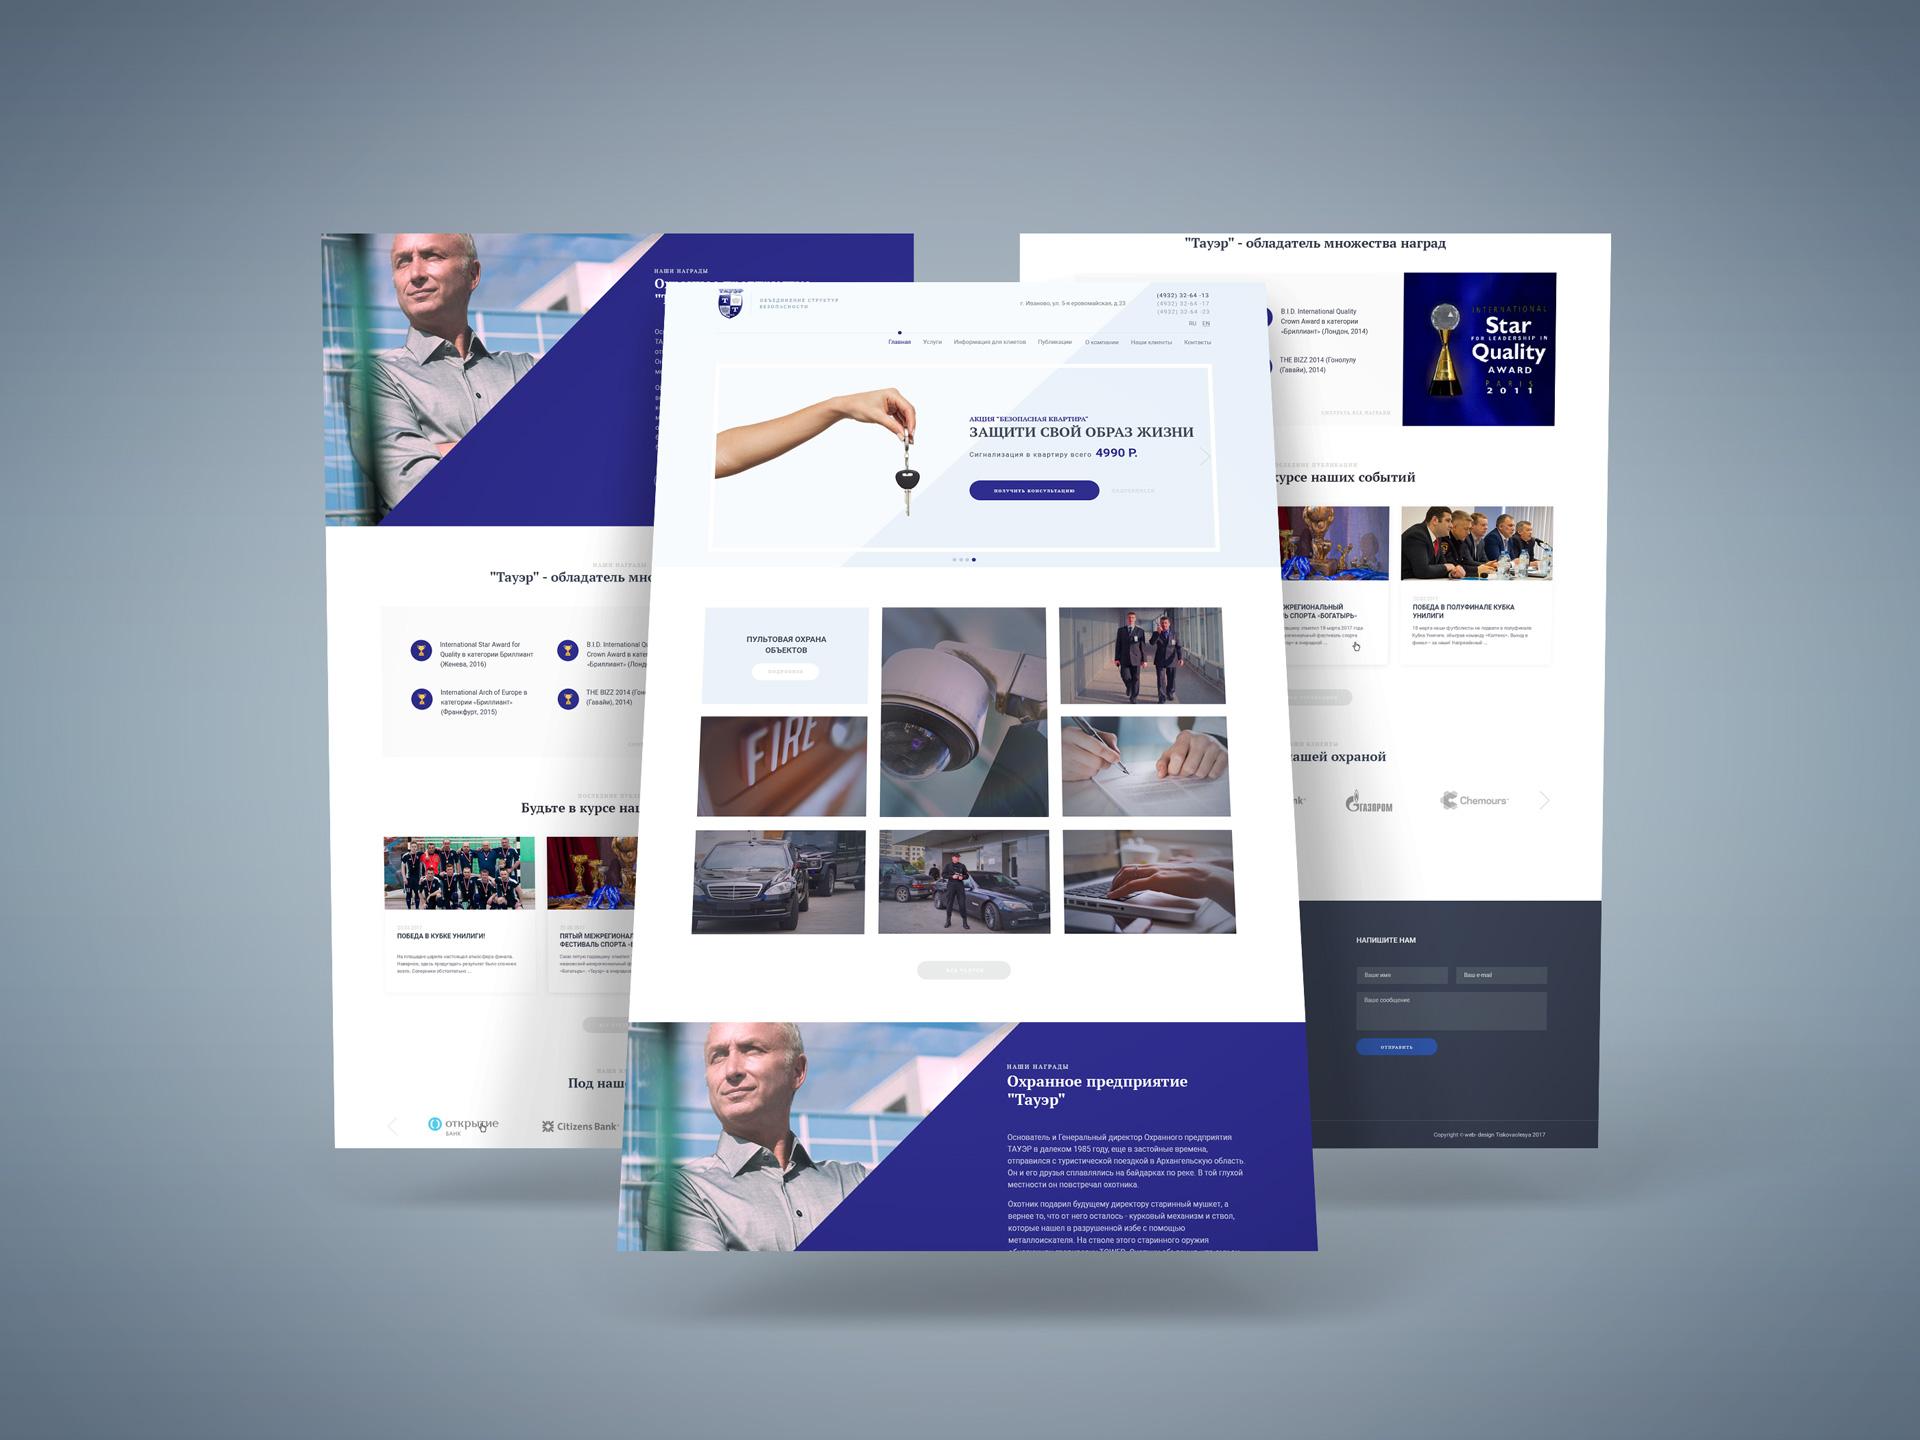 Редизайн существующего сайта компании (ЗАВЕРШЁН) фото f_04558f4922038a6d.jpg